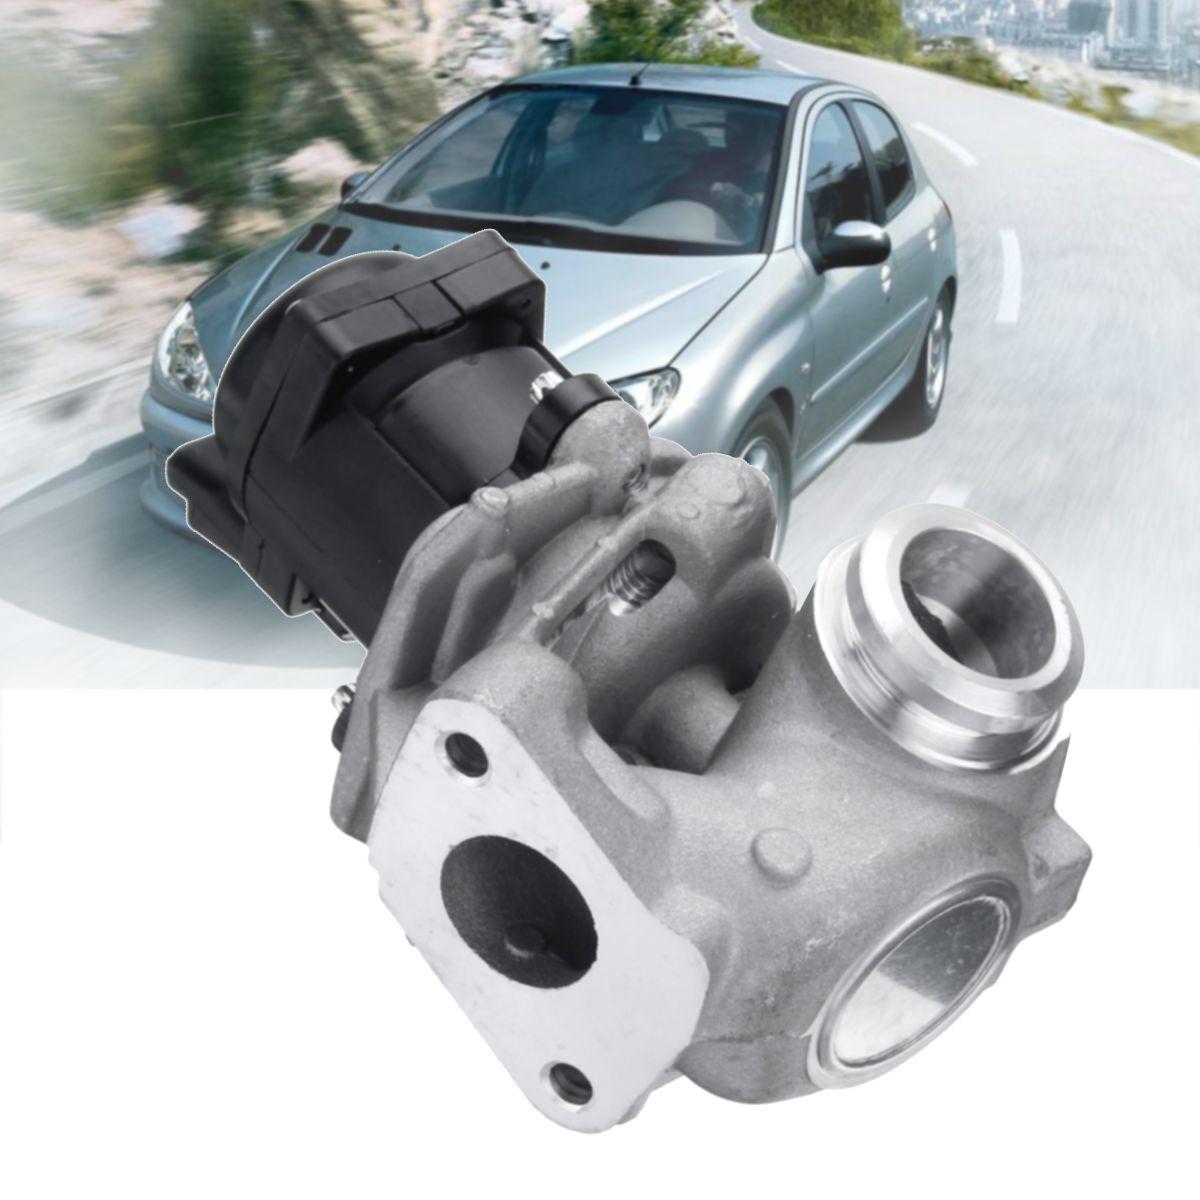 EGR Valve For Citroen C3 C4 C5 for Peugeot 206 207 307 308 407 Partner for